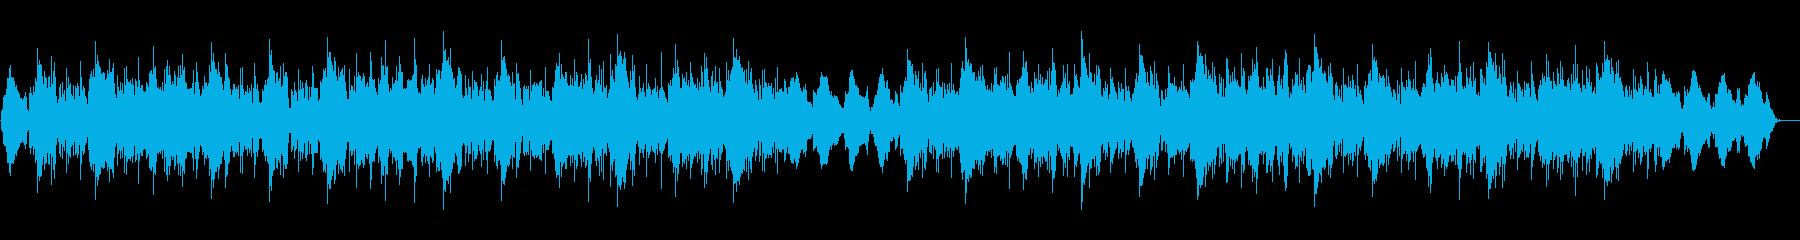 ヒーリング ハープ 瞑想 ヨガの再生済みの波形